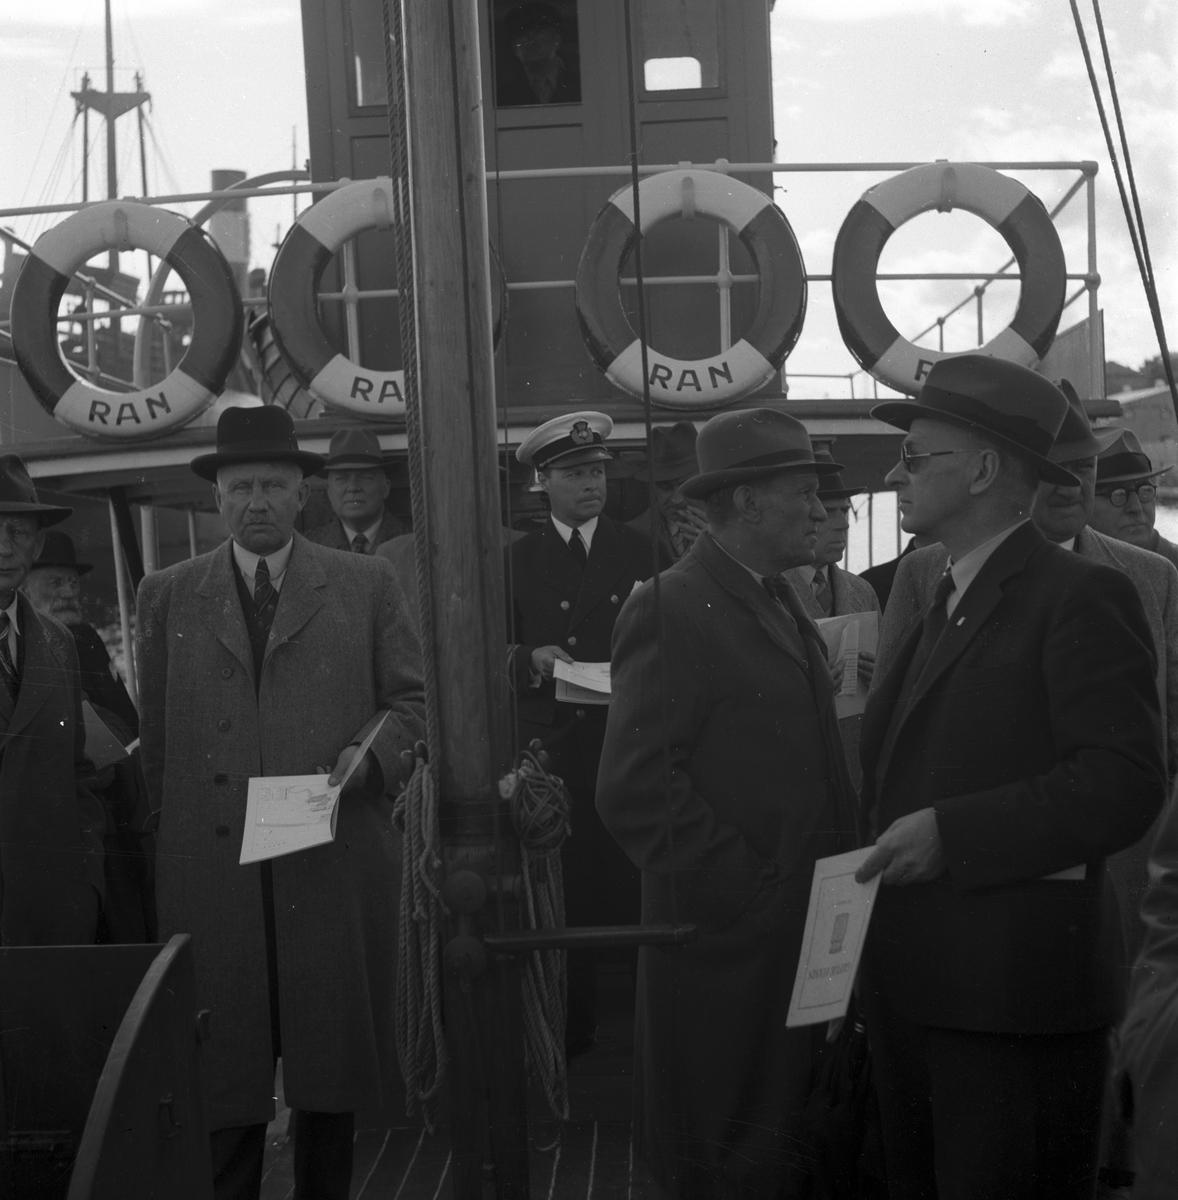 """Hamnutredning. Besök i Gävle hamn. En tur på Gavleån med fartyget """"Ran"""". 15 juni 1945."""